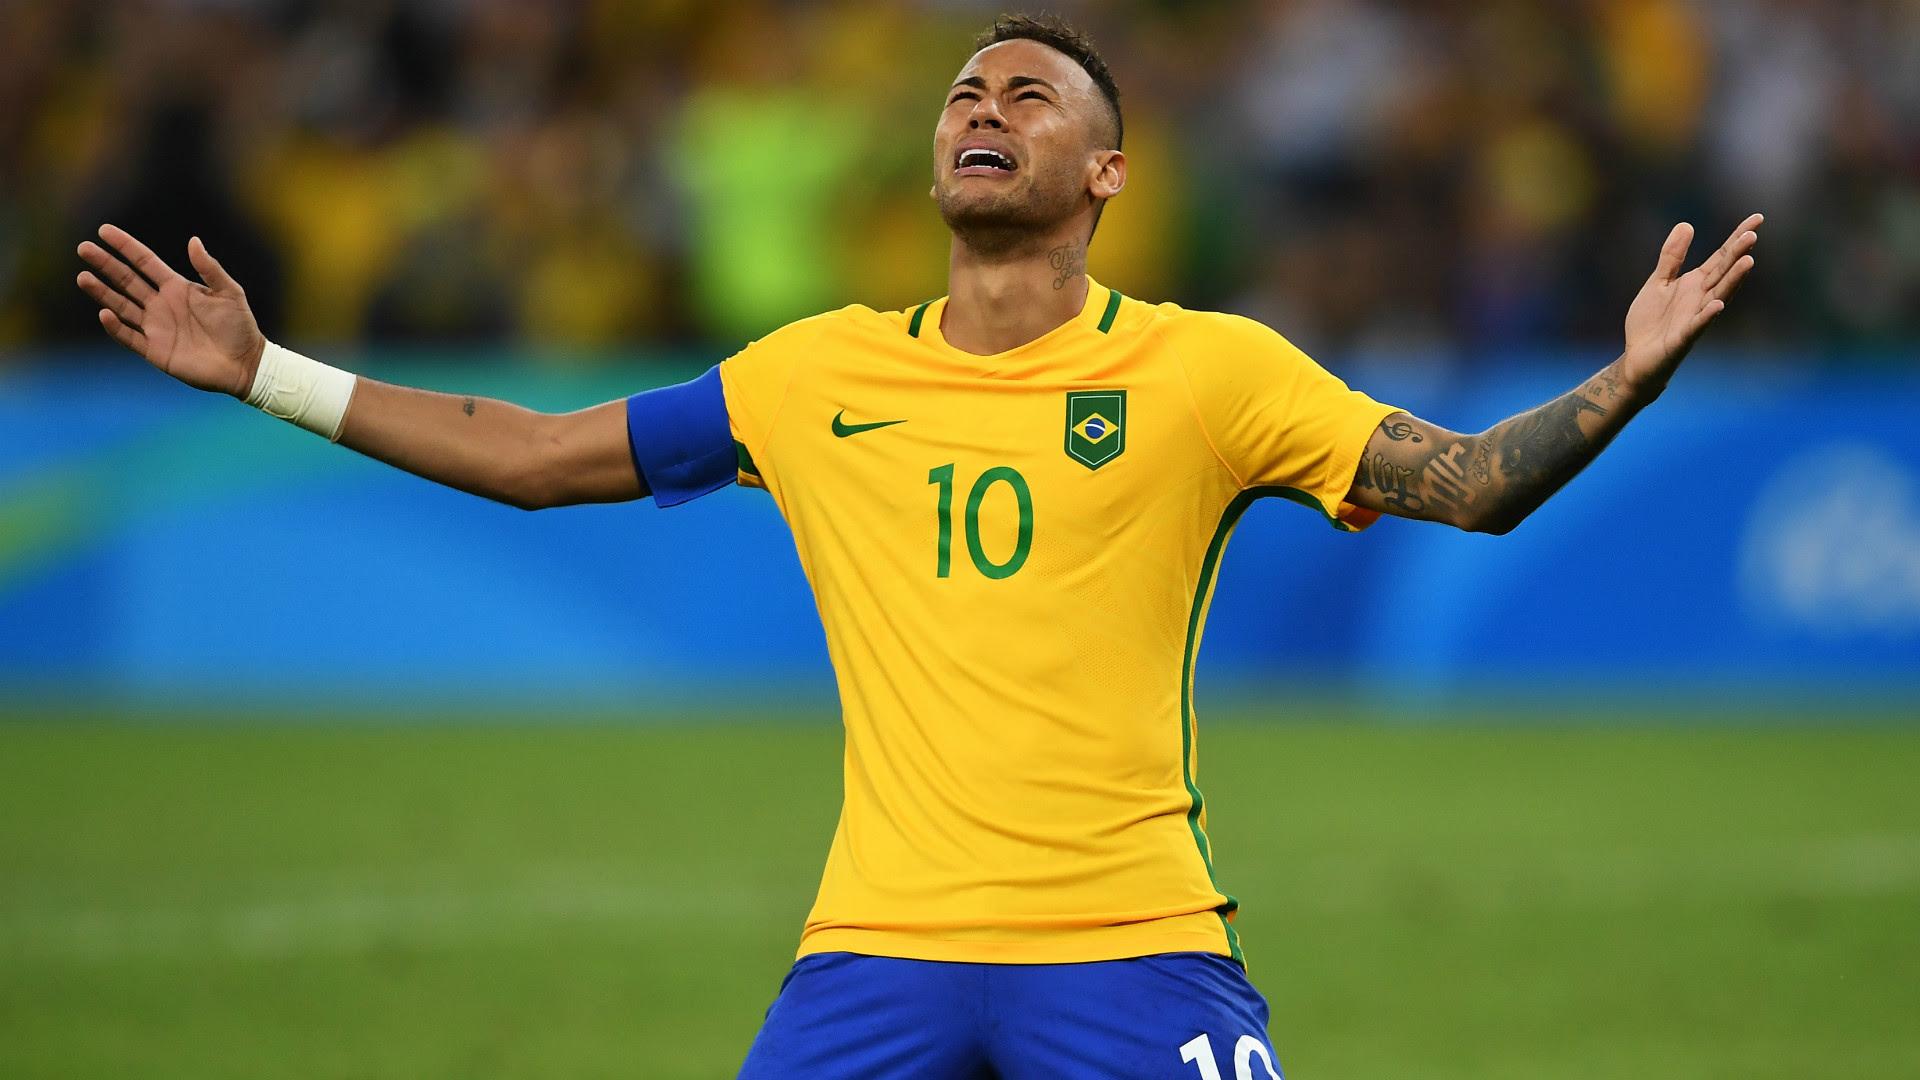 Neymar Brazil Wallpaper 2018 HD (74+ images)